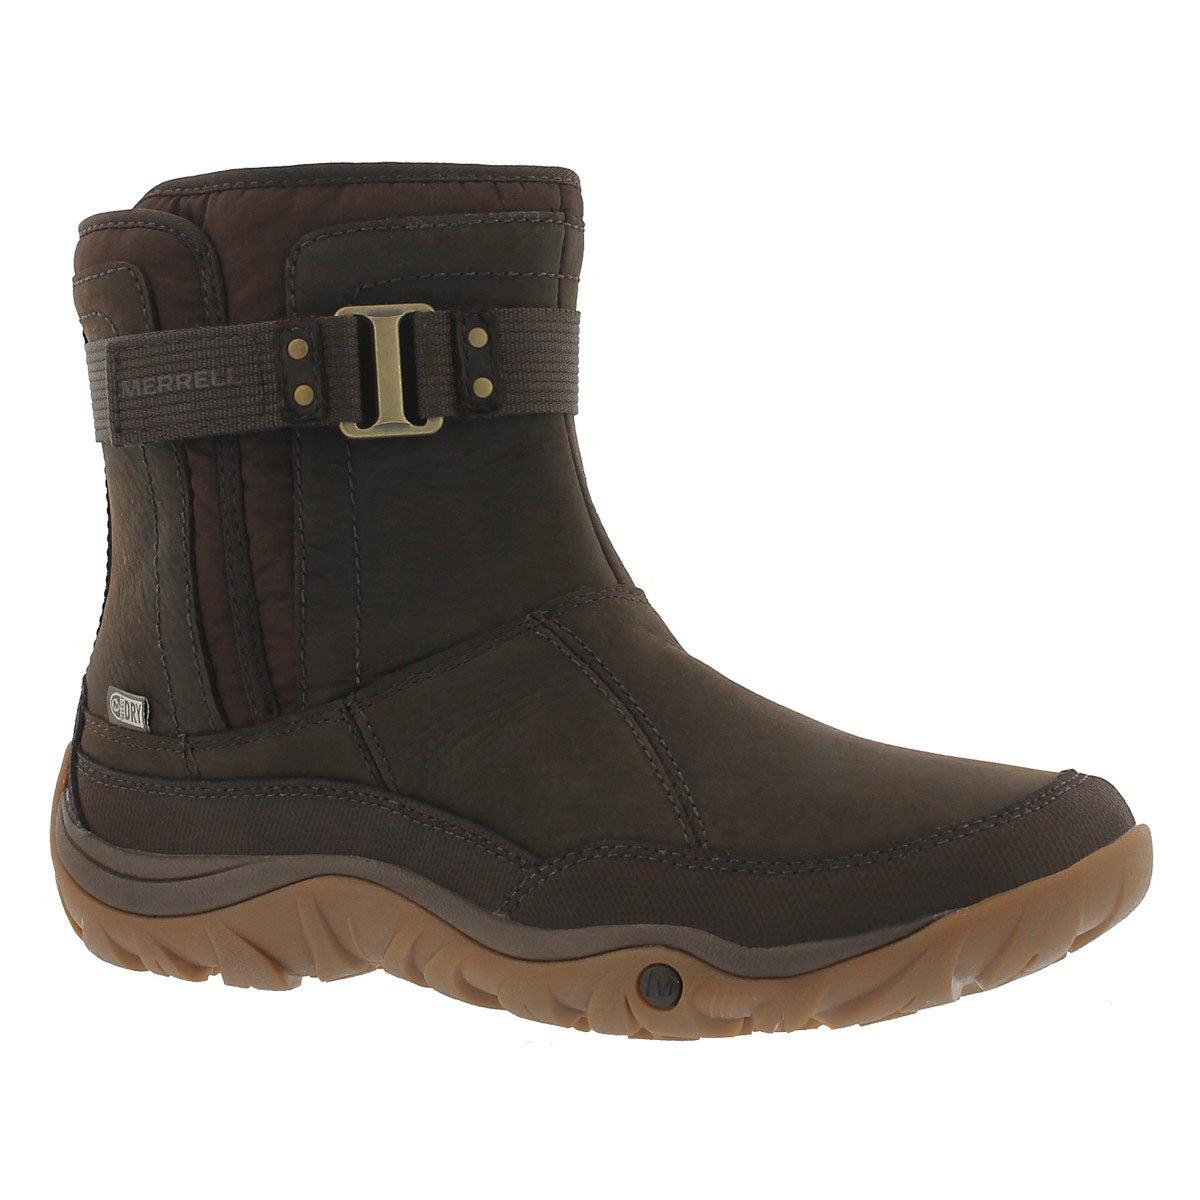 Lds Murren Strap wtpf brackn winter boot